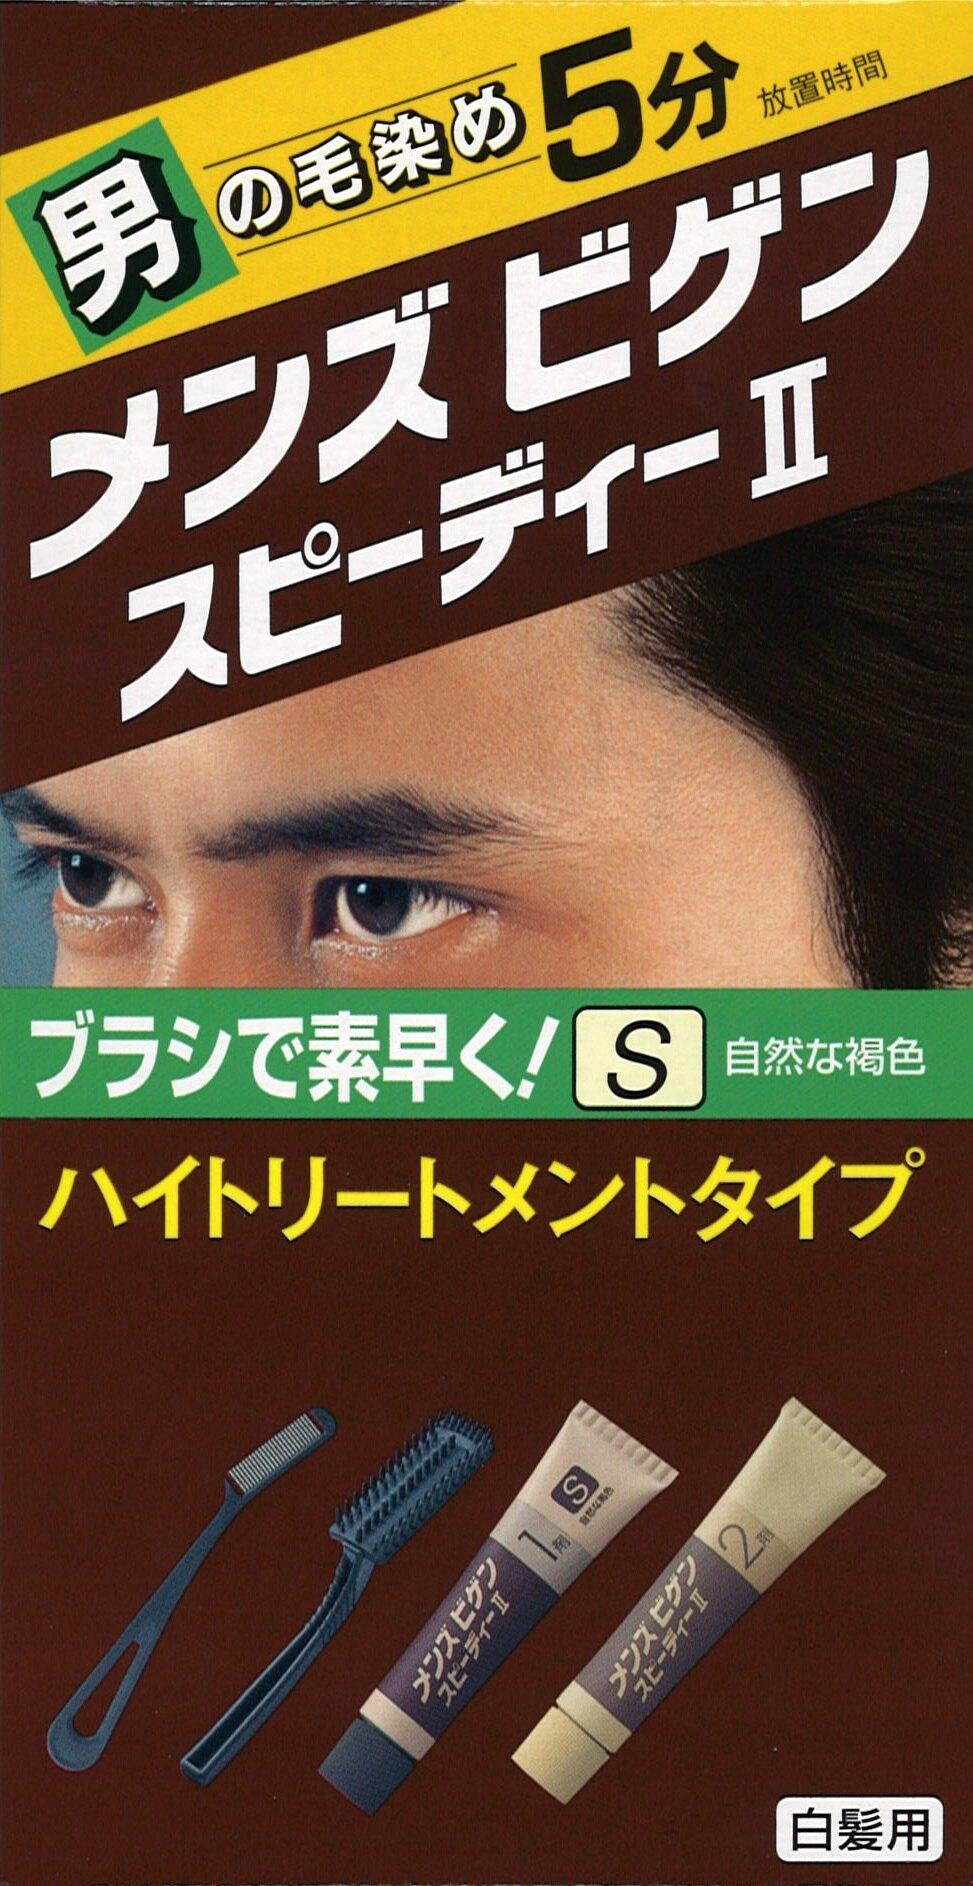 Men's Bigen美源男士 彩絲快速染髮霜 S 自然褐色